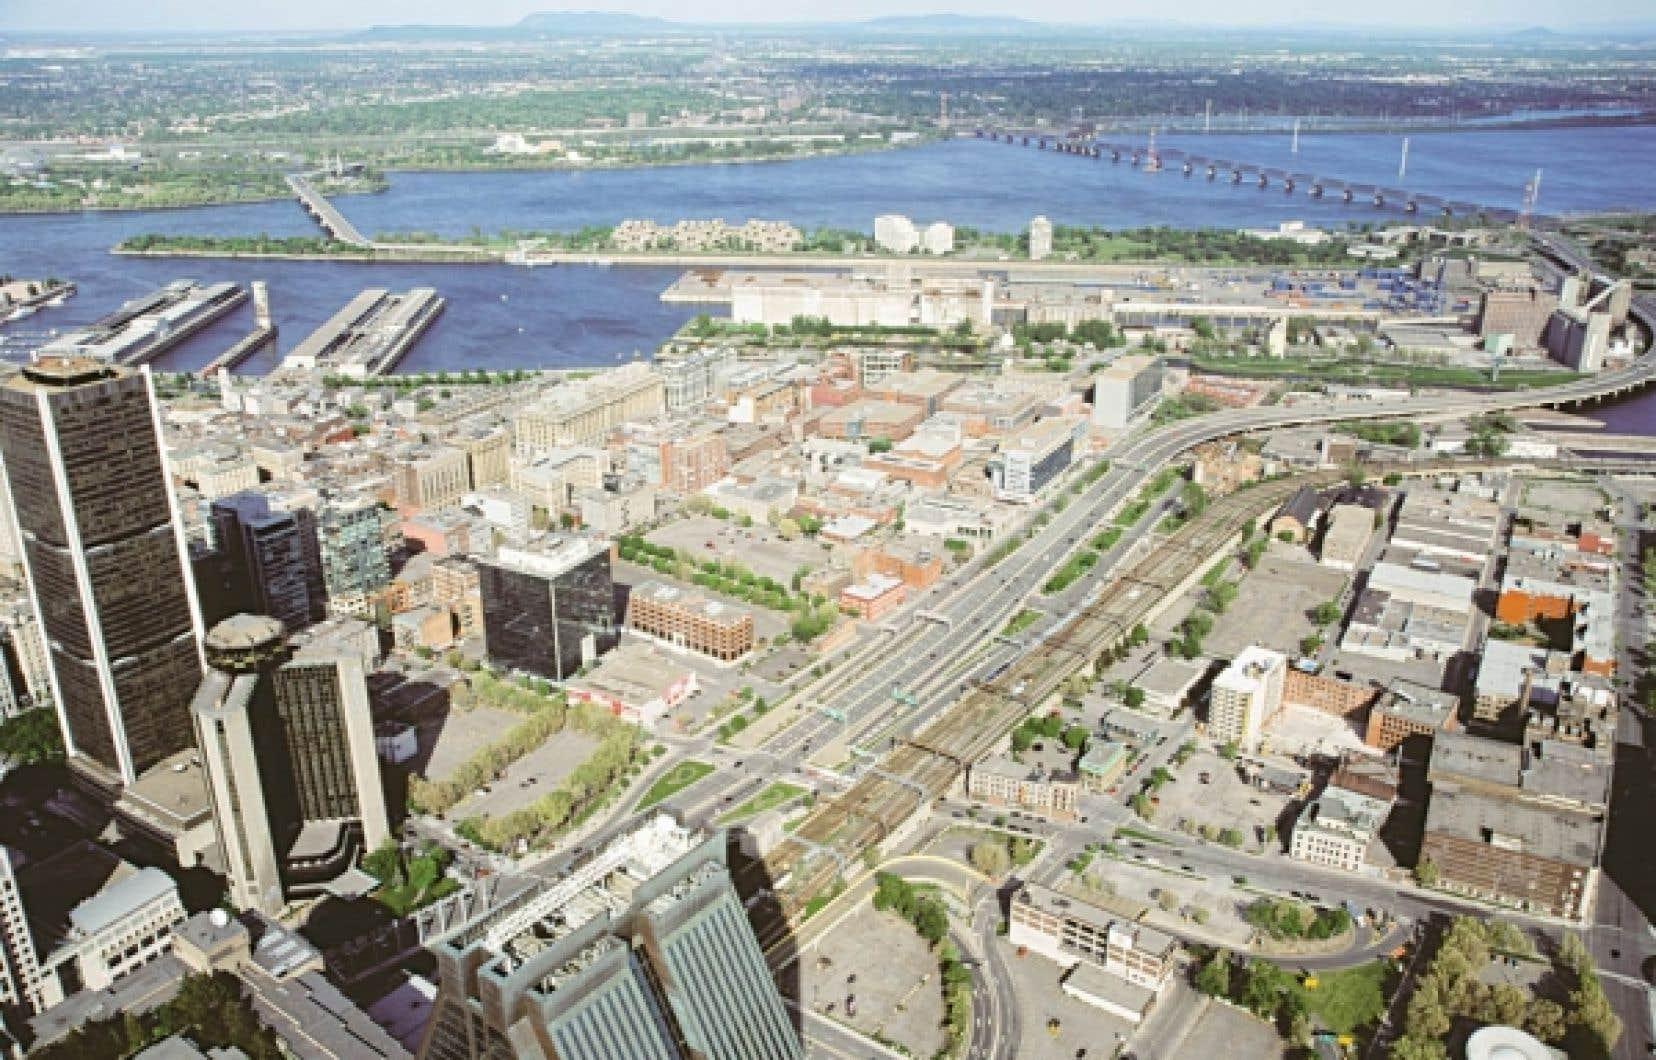 Le démantèlement de l'autoroute Bonaventure ne commencera pas avant la fin de 2013